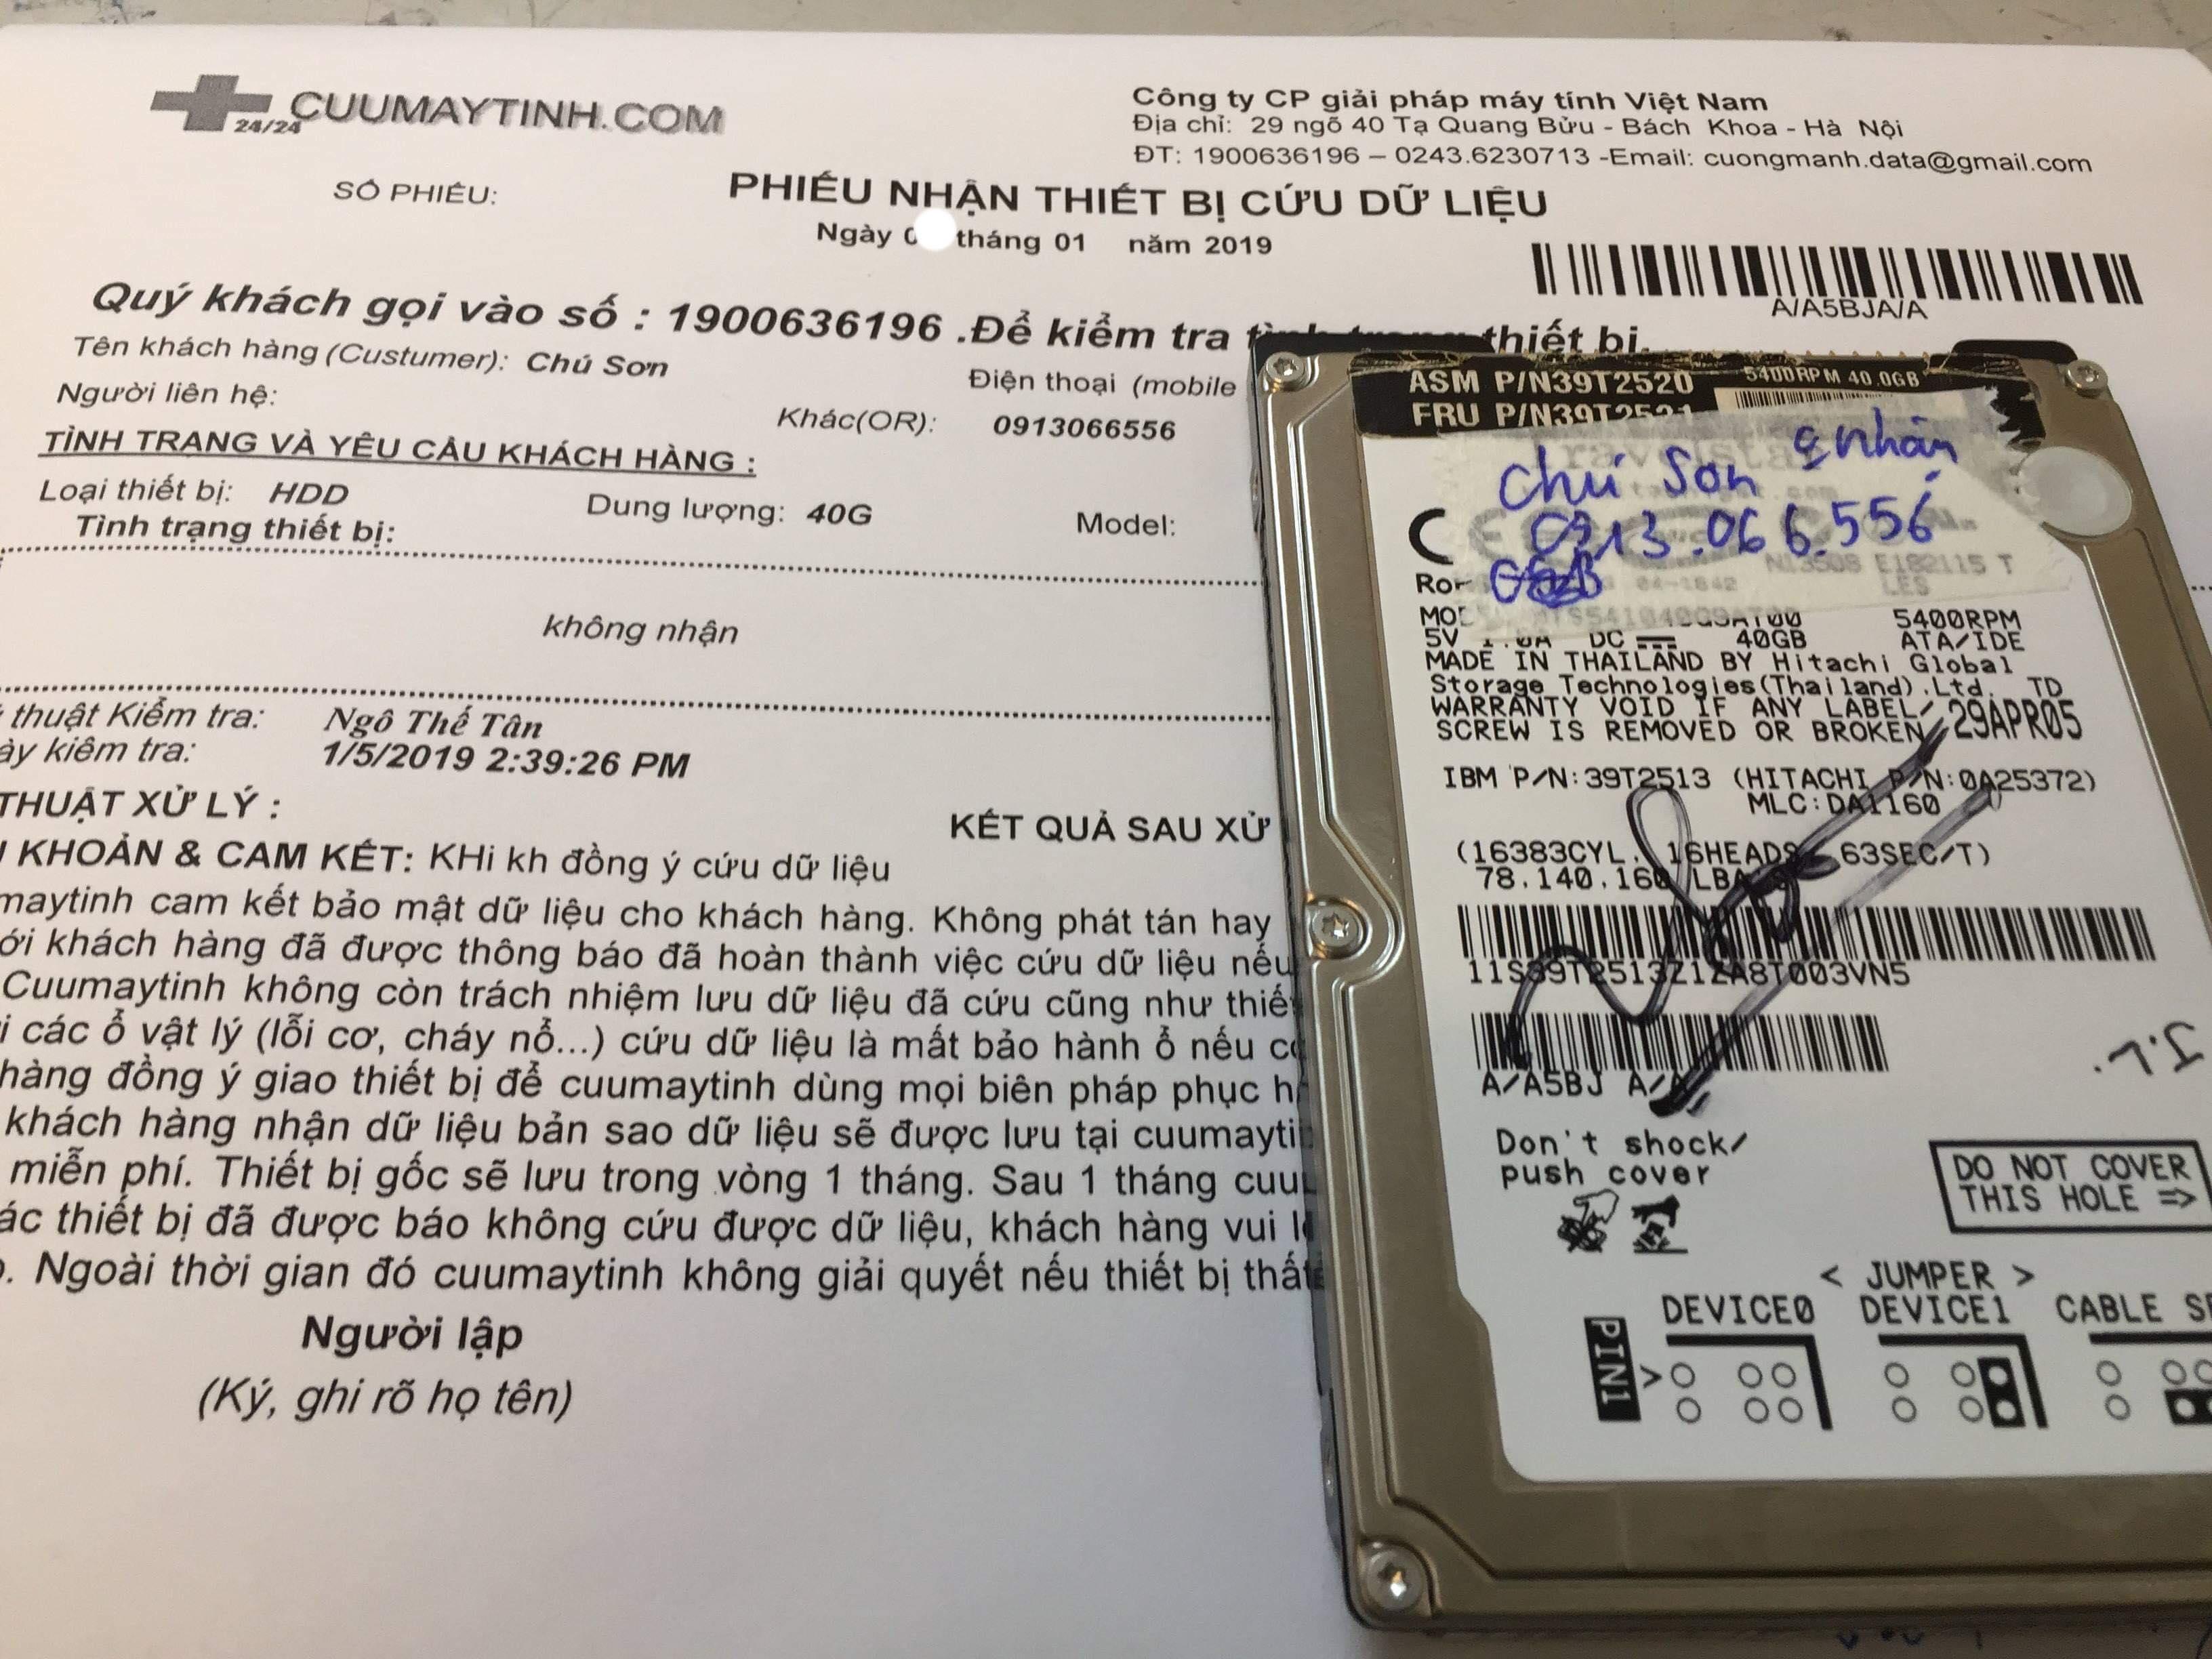 Phục hồi dữ liệu ổ cứng Hitachi 40GB không nhận - 12/01/2019